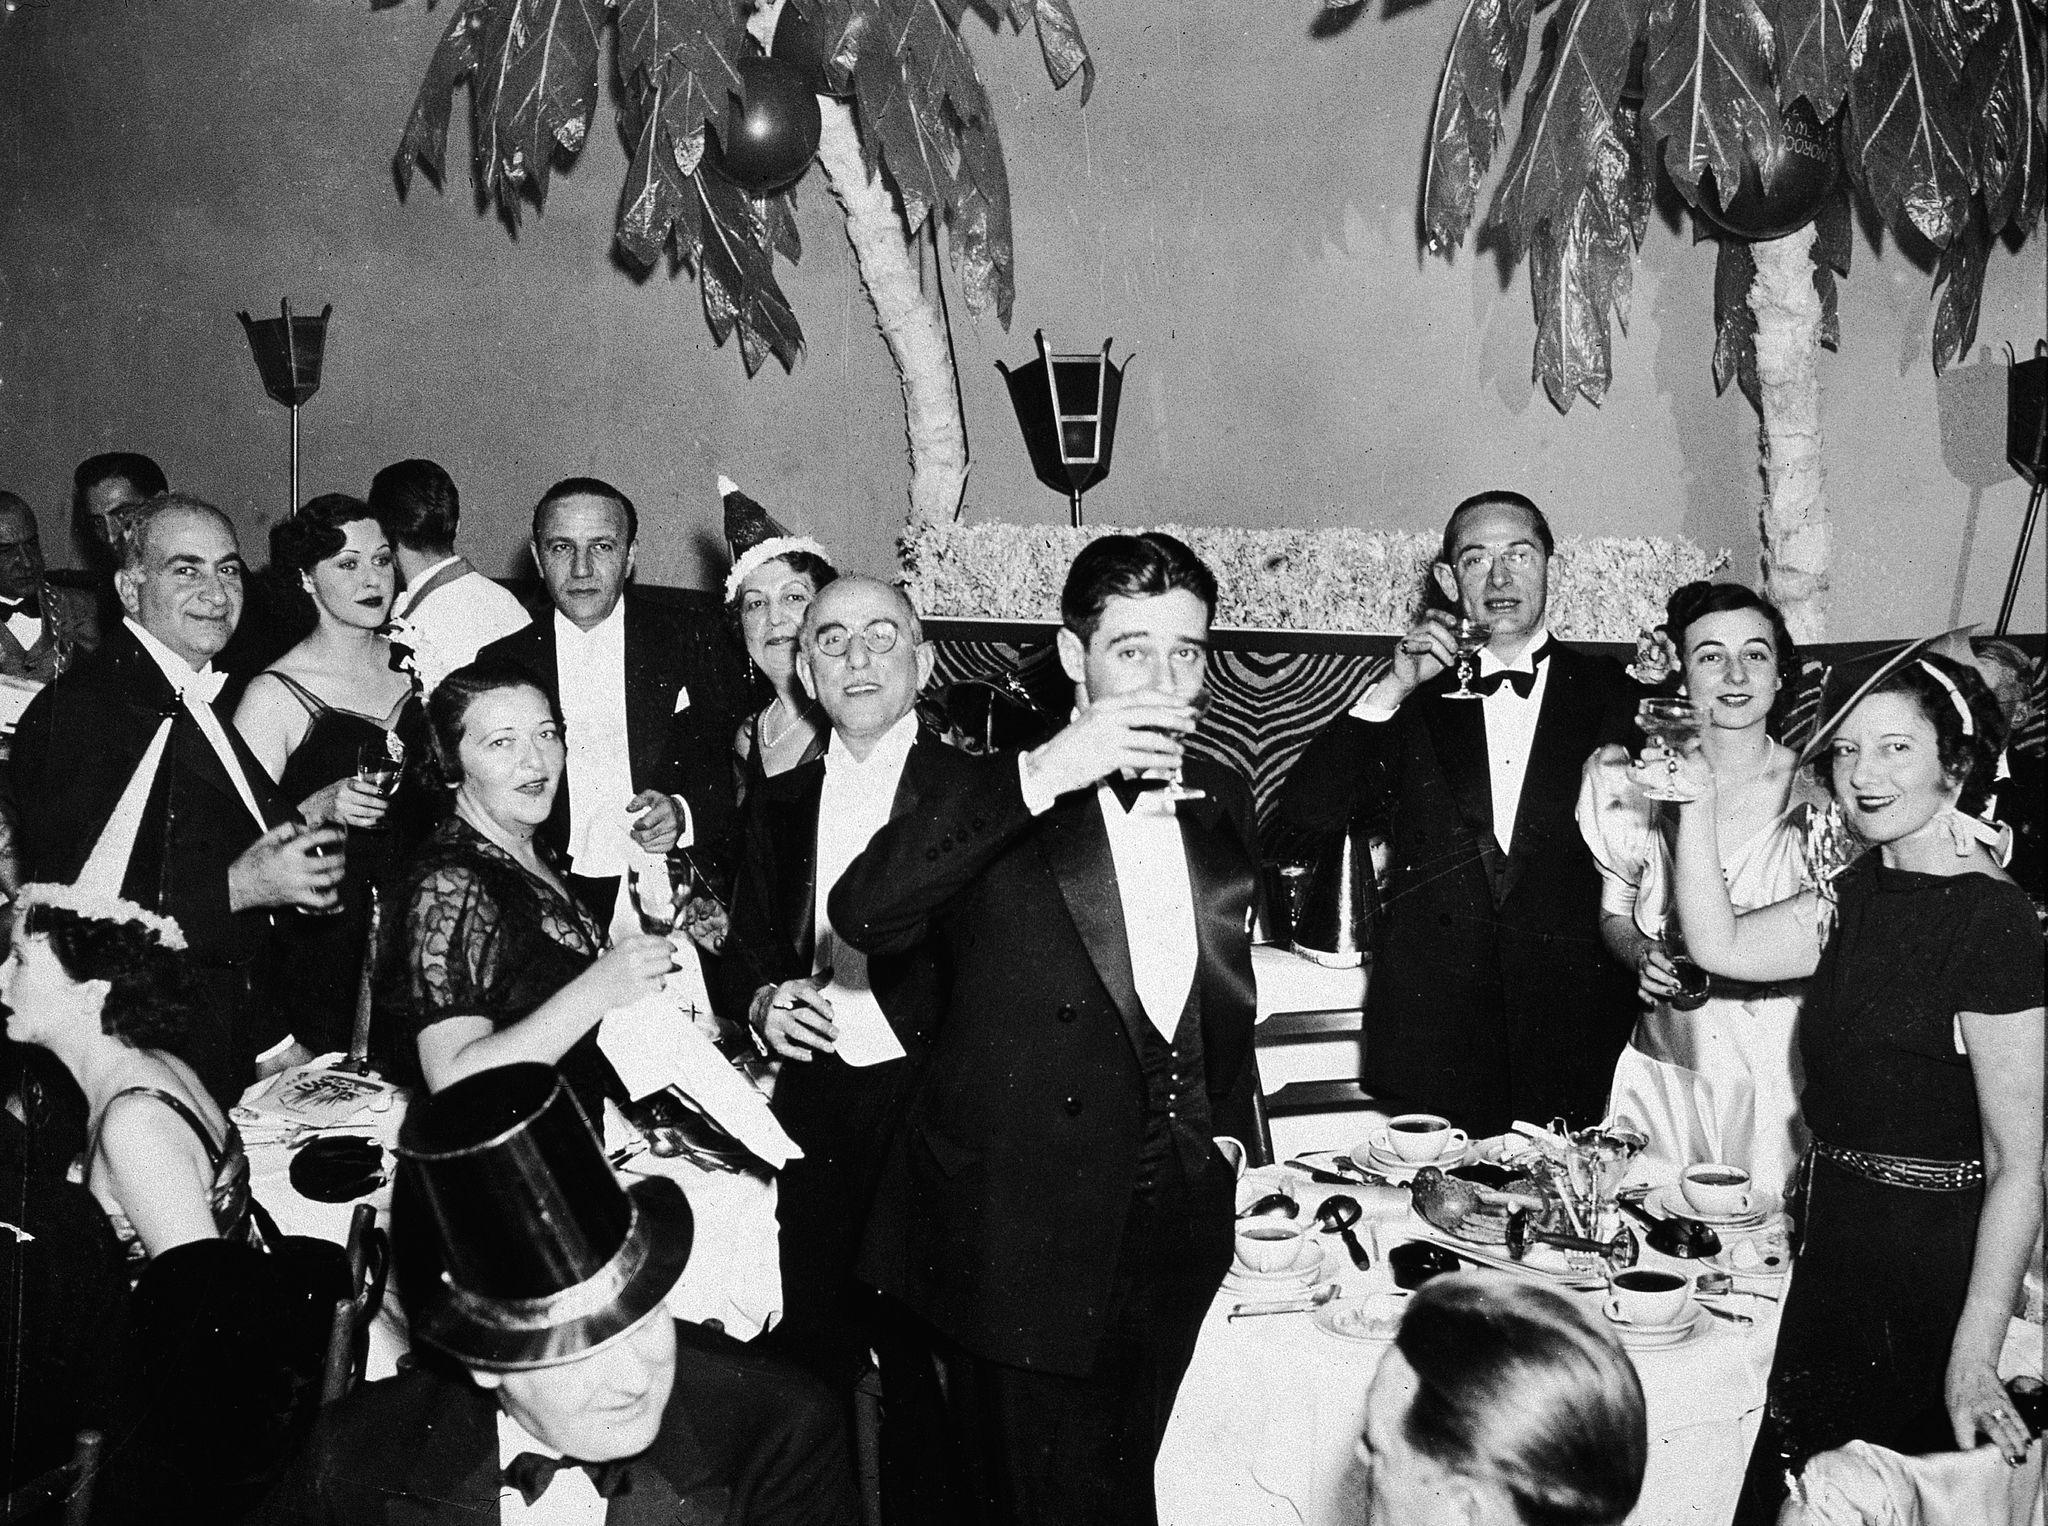 1935. Группа людей в официальной одежде празднует Новый год в ночном клубе El Morroco в Нью-Йорке.jpg